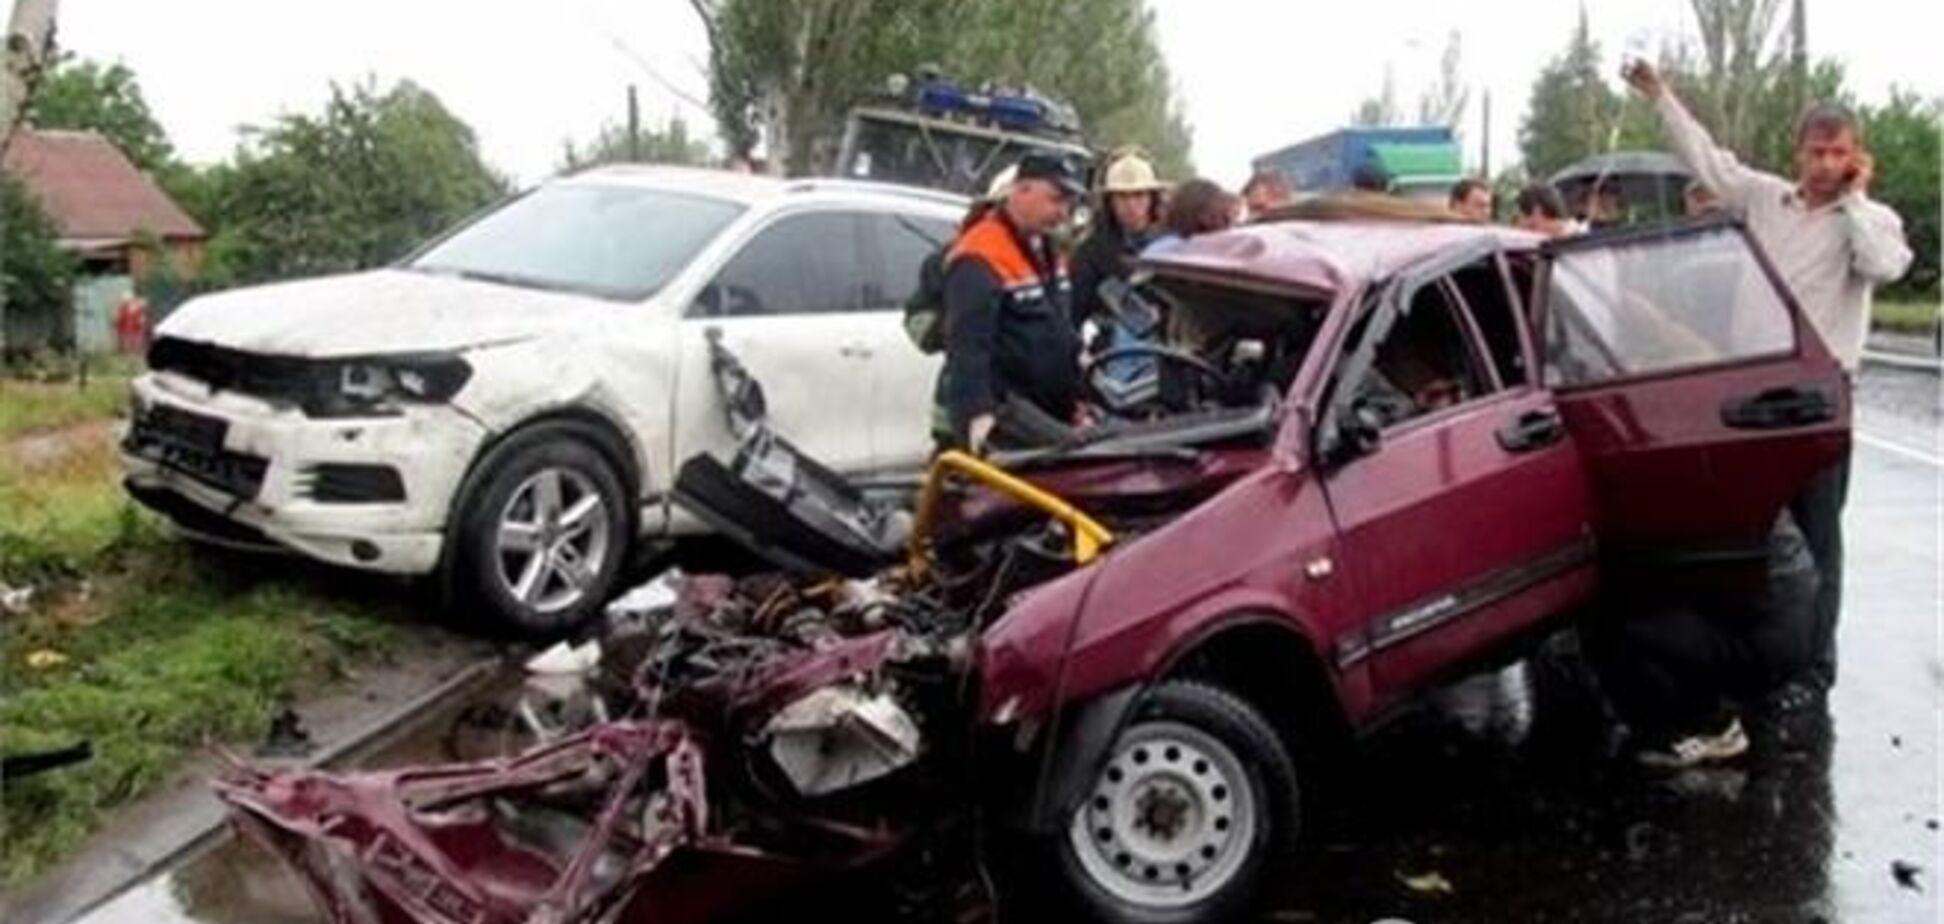 Потрійне ДТП в Донецькій області: одна людина загинула, дев'ятеро постраждали